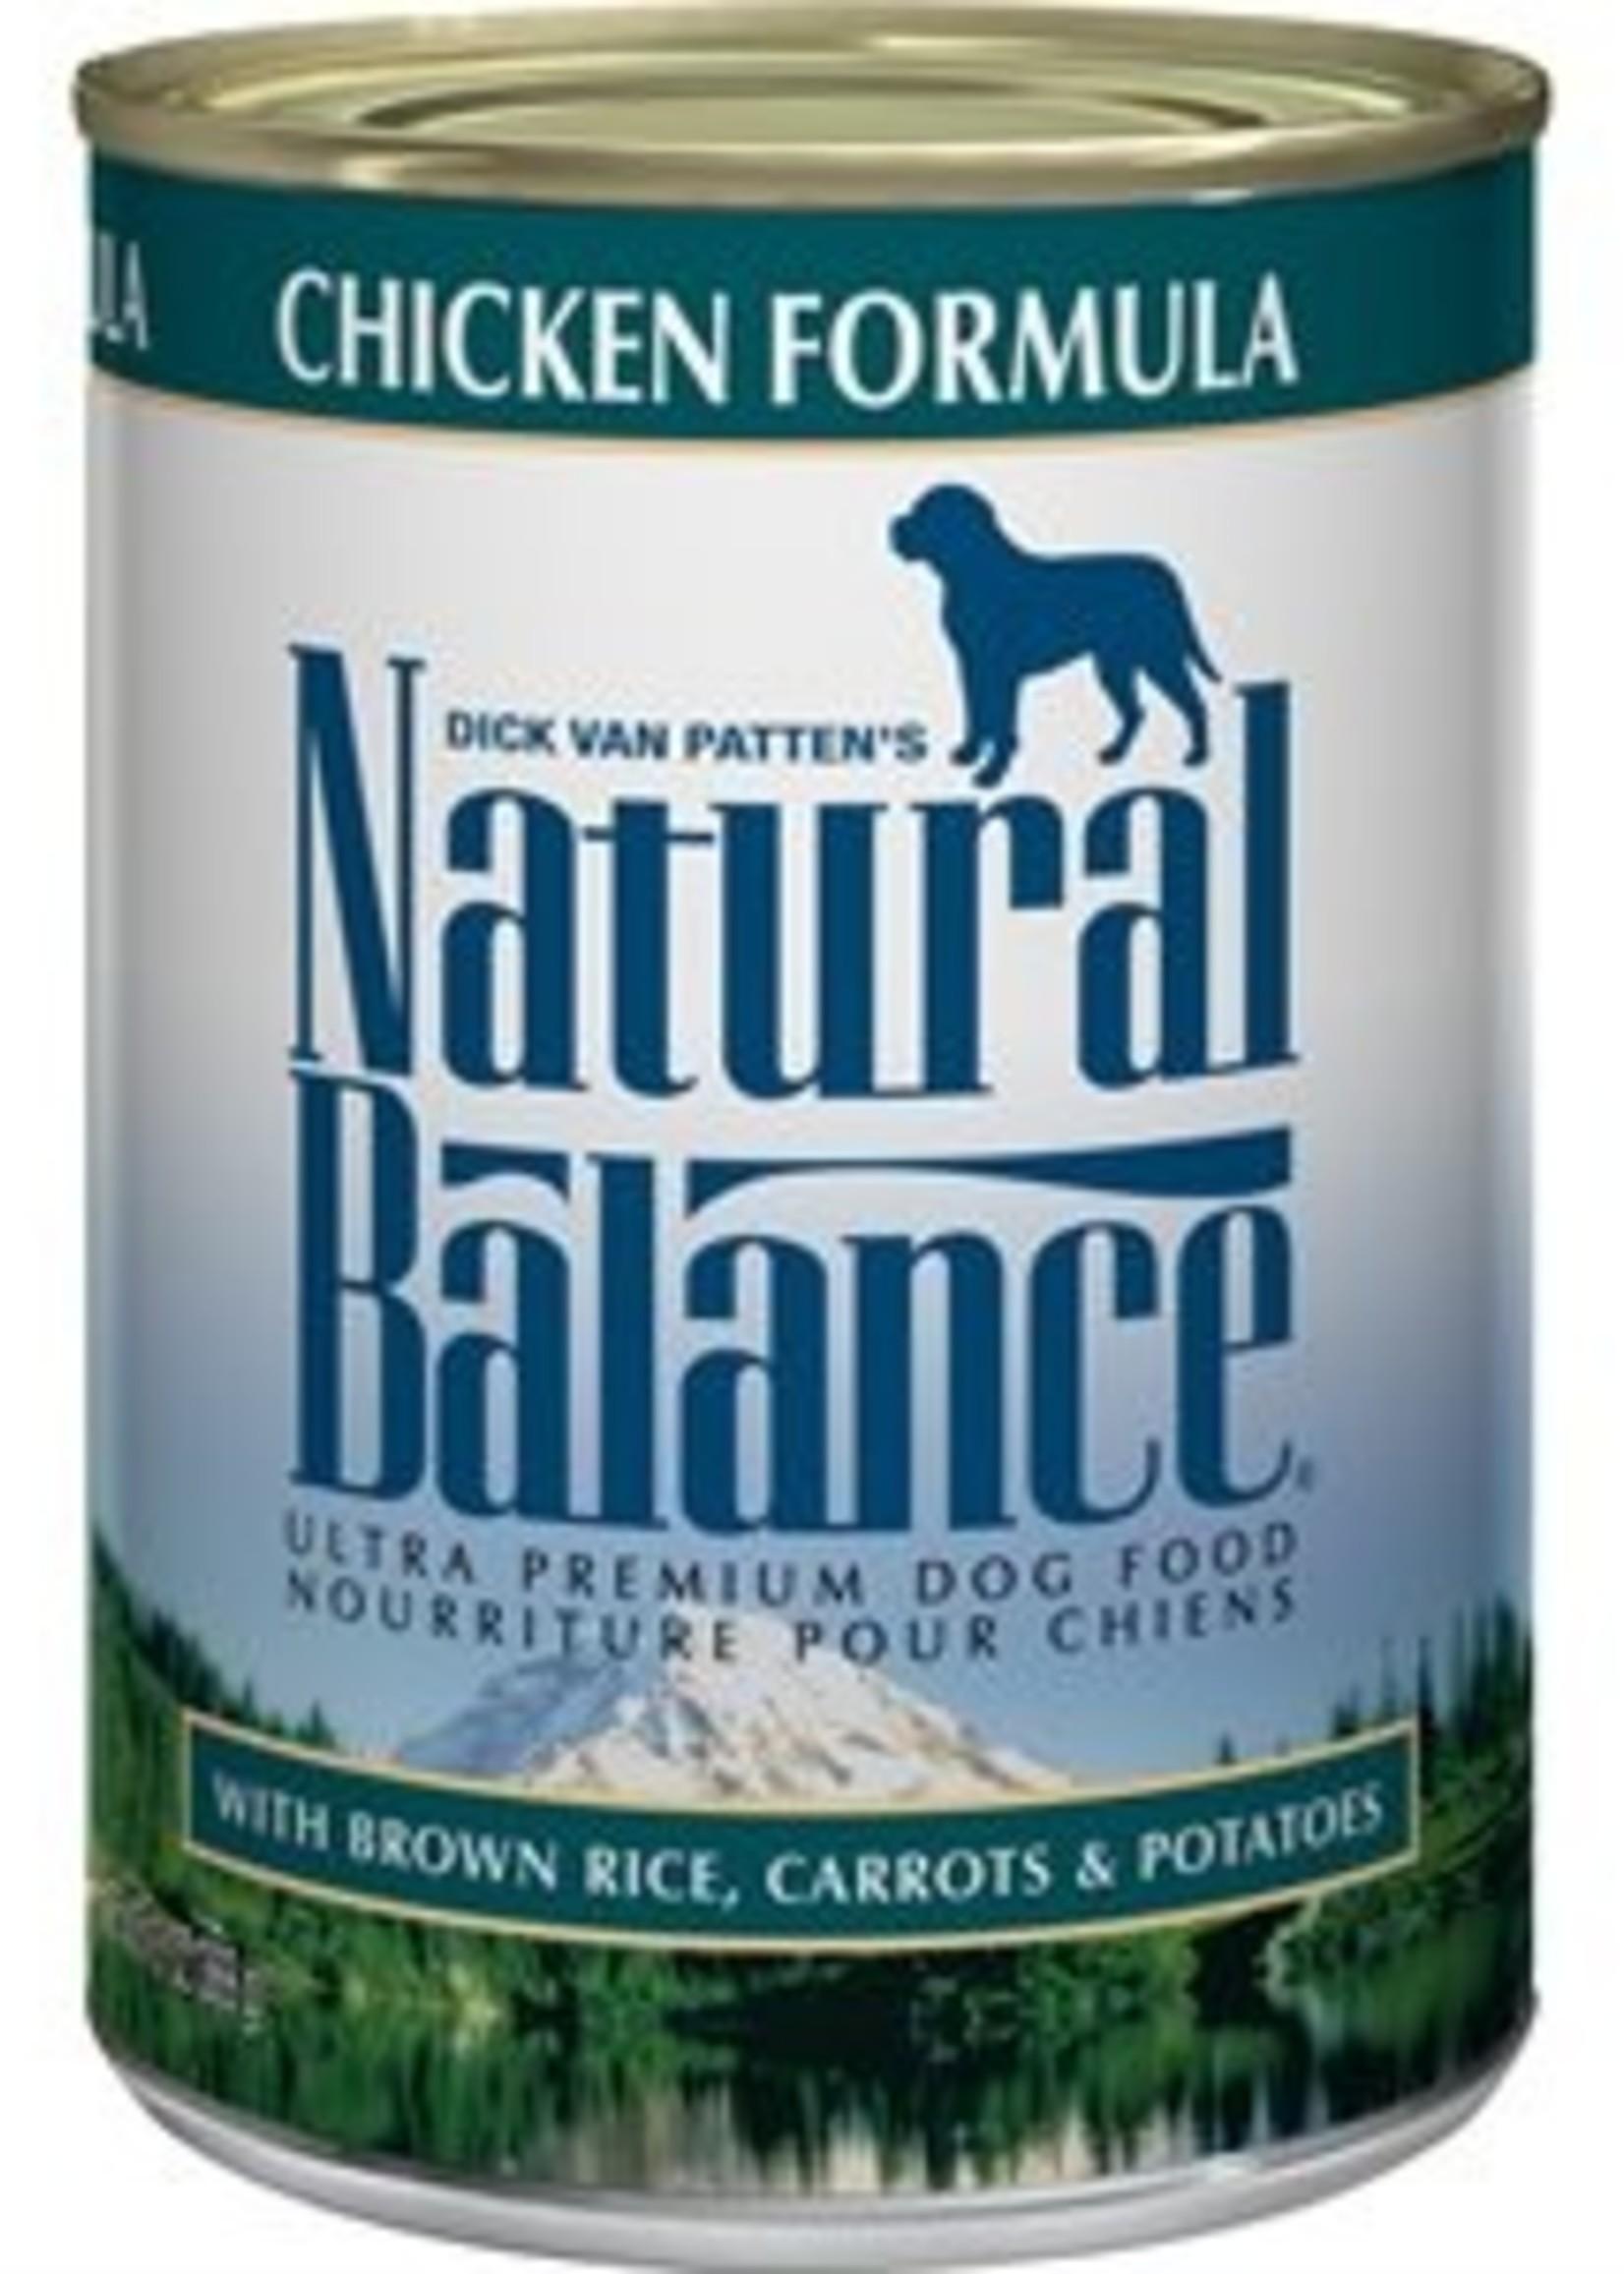 Natural Balance® NATURAL BALANCE CHICKEN FORMULA 13oz